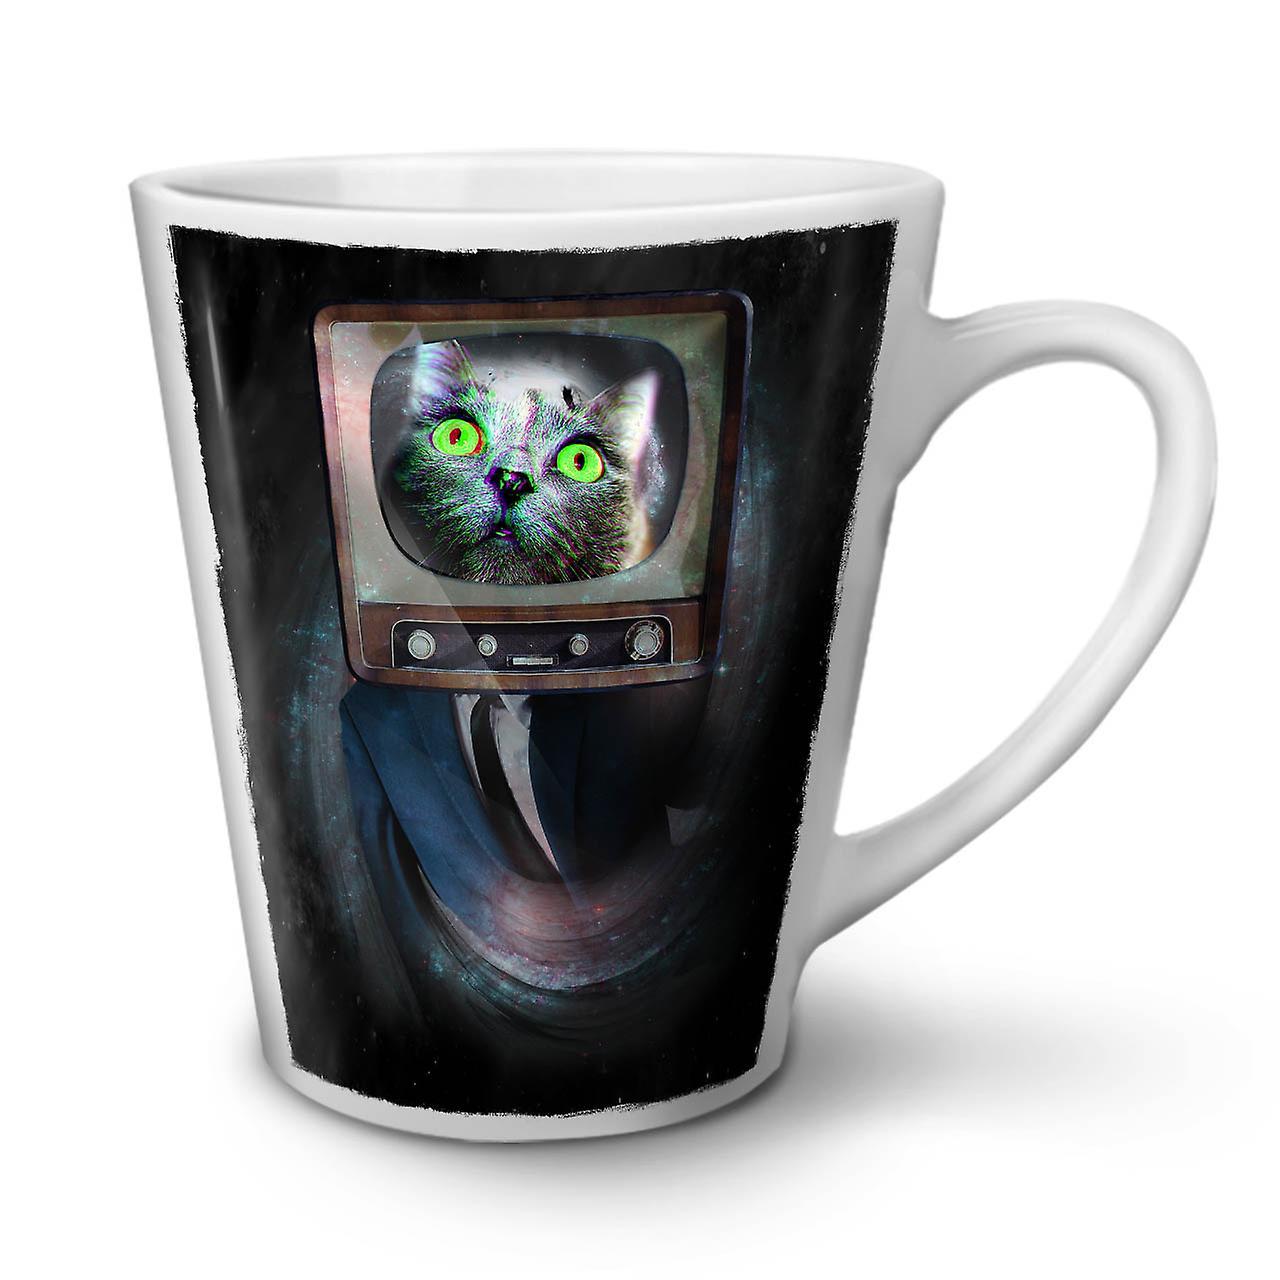 Gentleman Thé Céramique Tv Mignon En 12 Blanc Sir Mug Nouveau Latte OzWellcoda Café b7ygvfY6